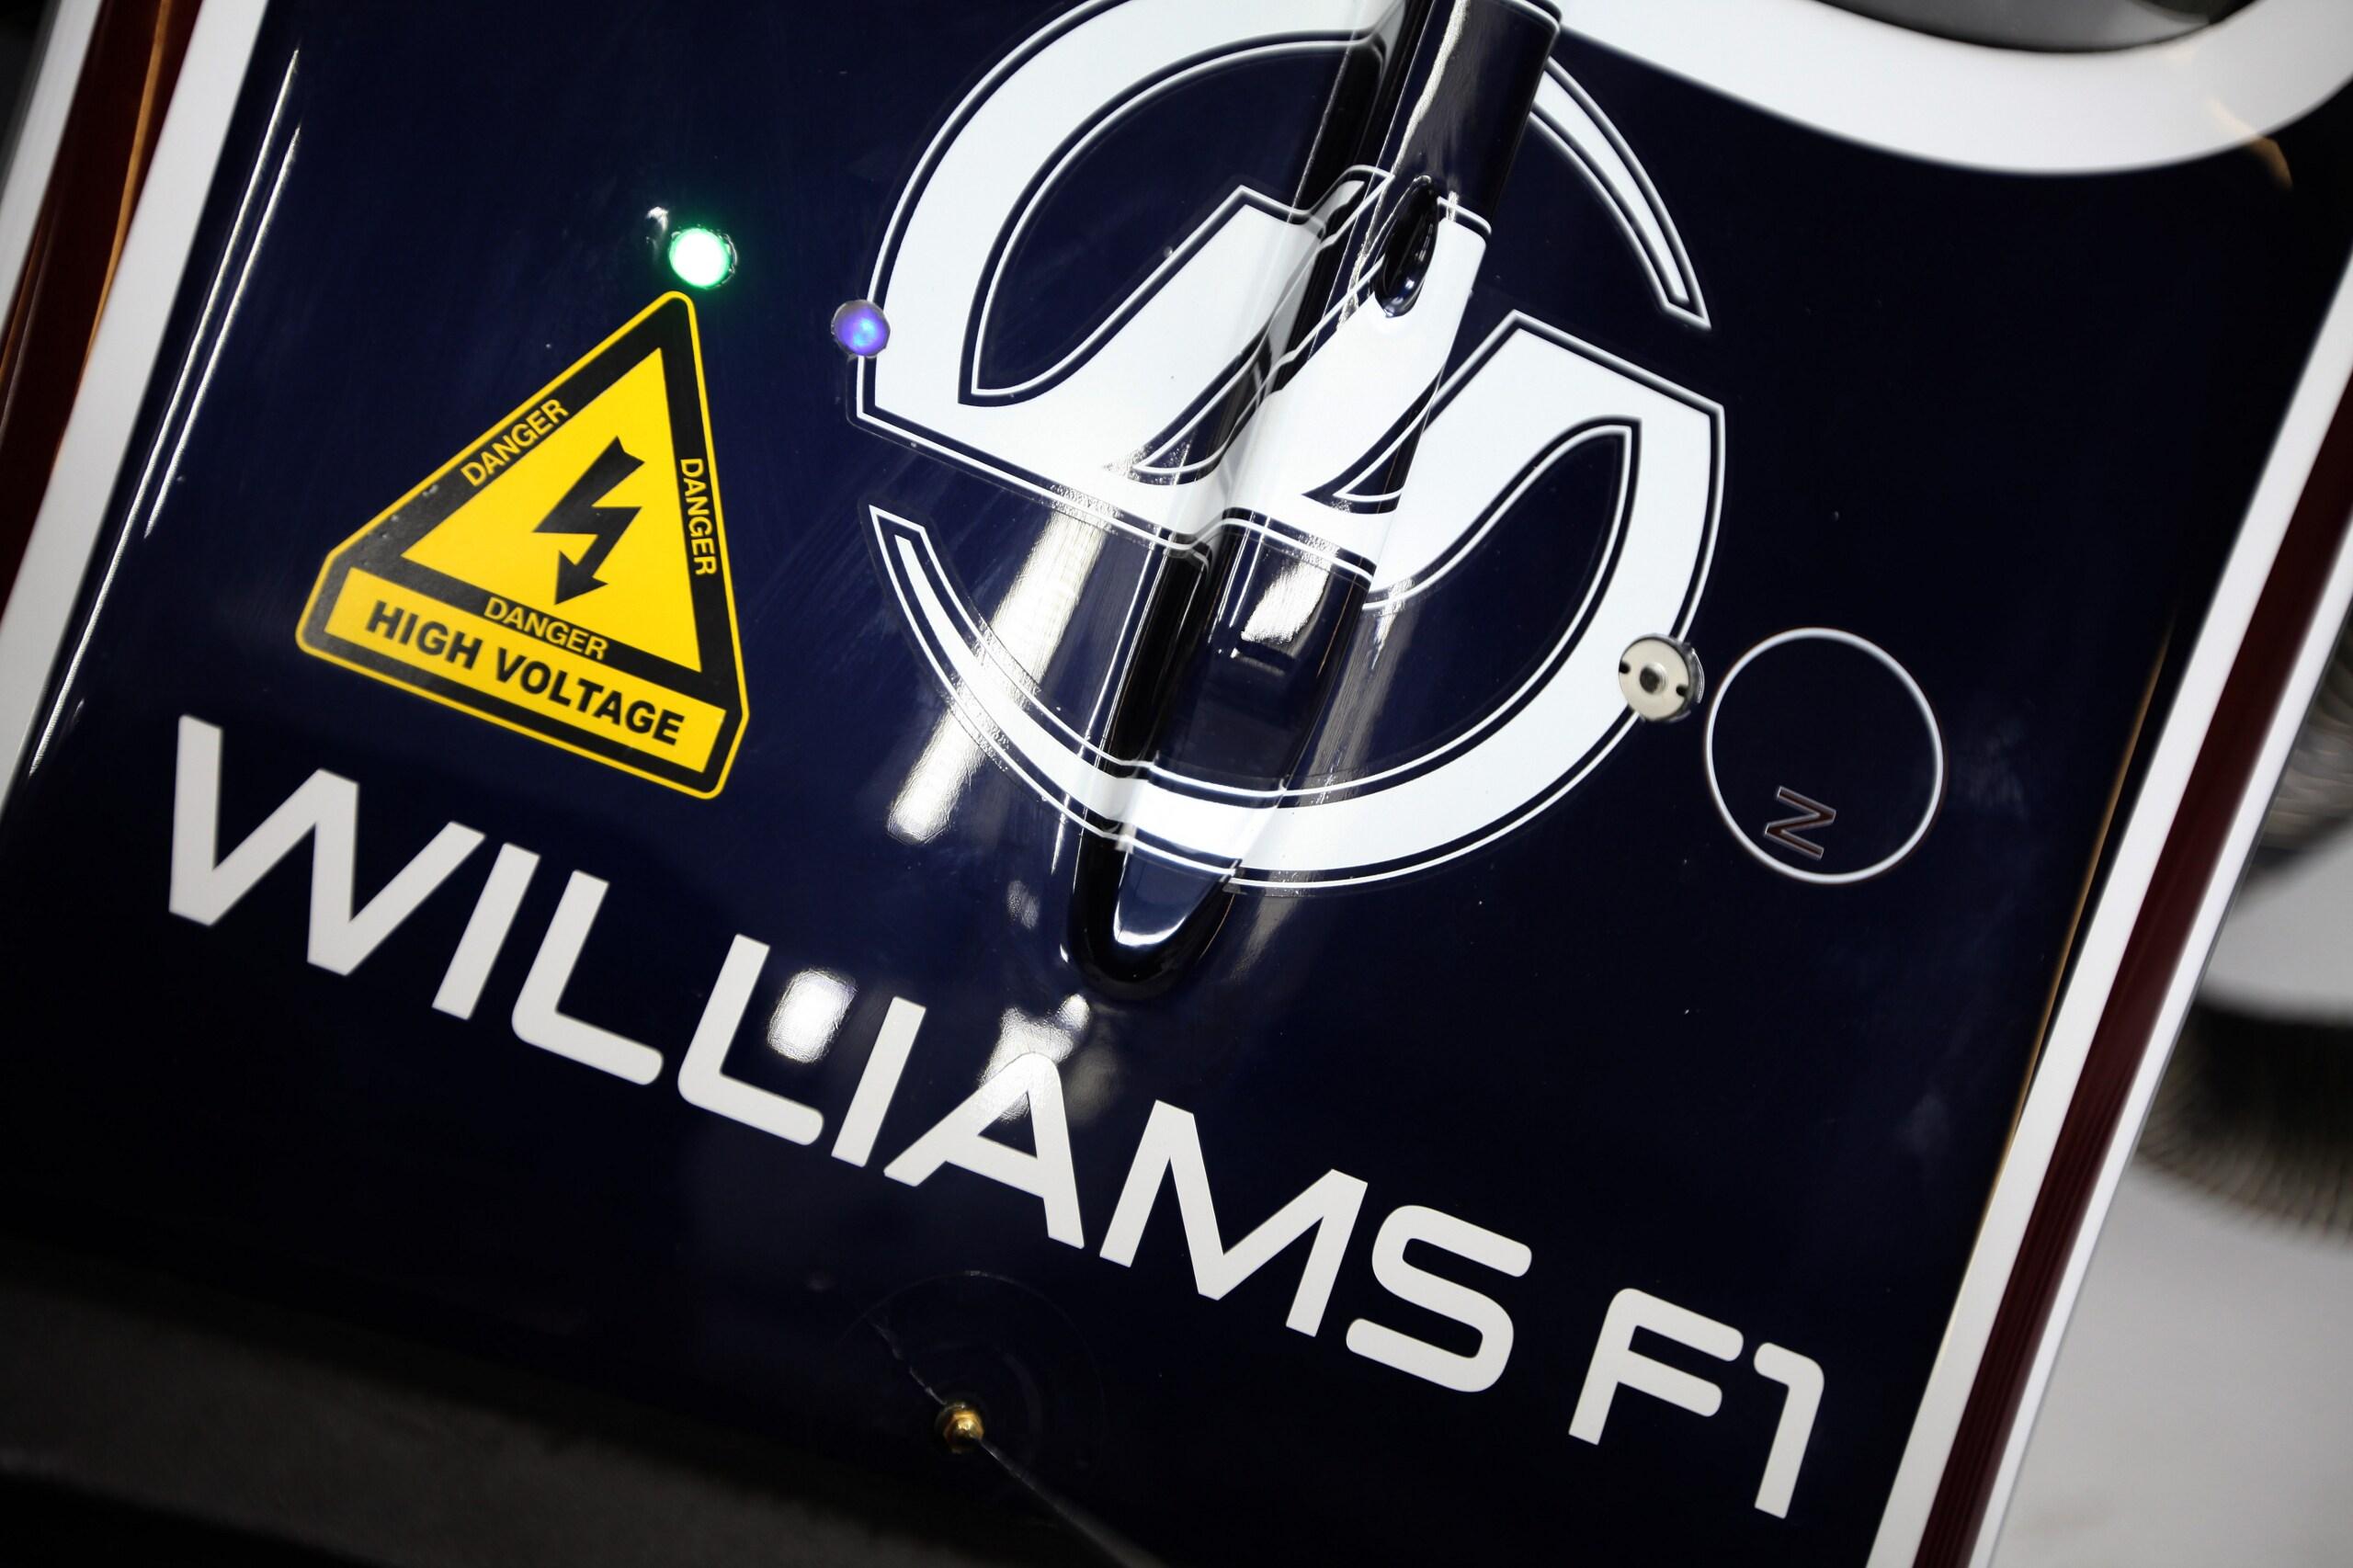 williams3.jpg (469.14 Kb)